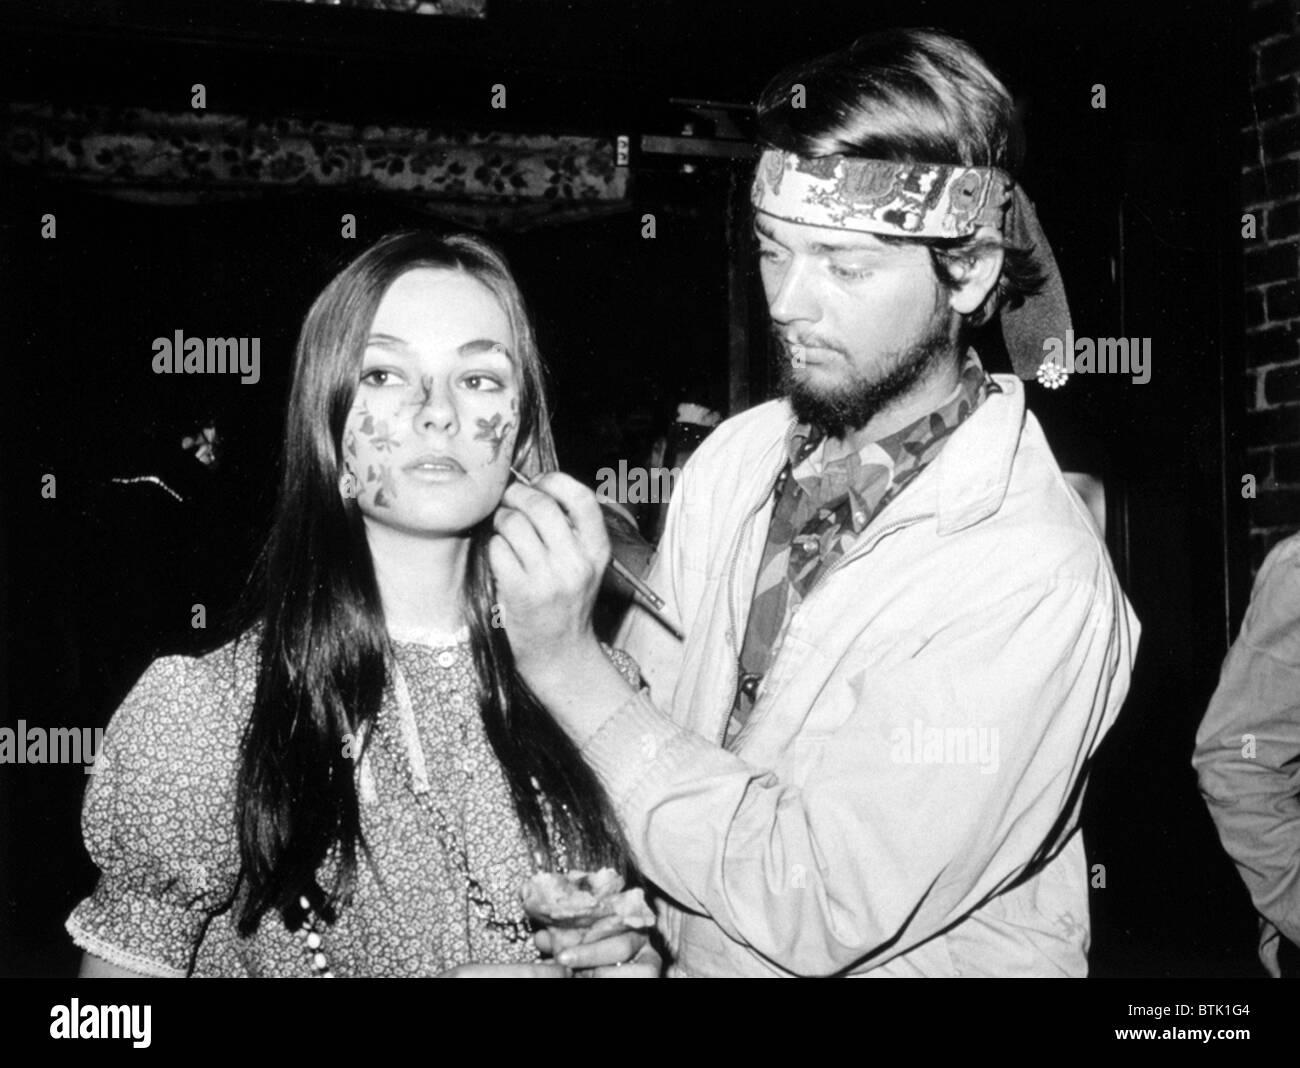 New hippy tgp